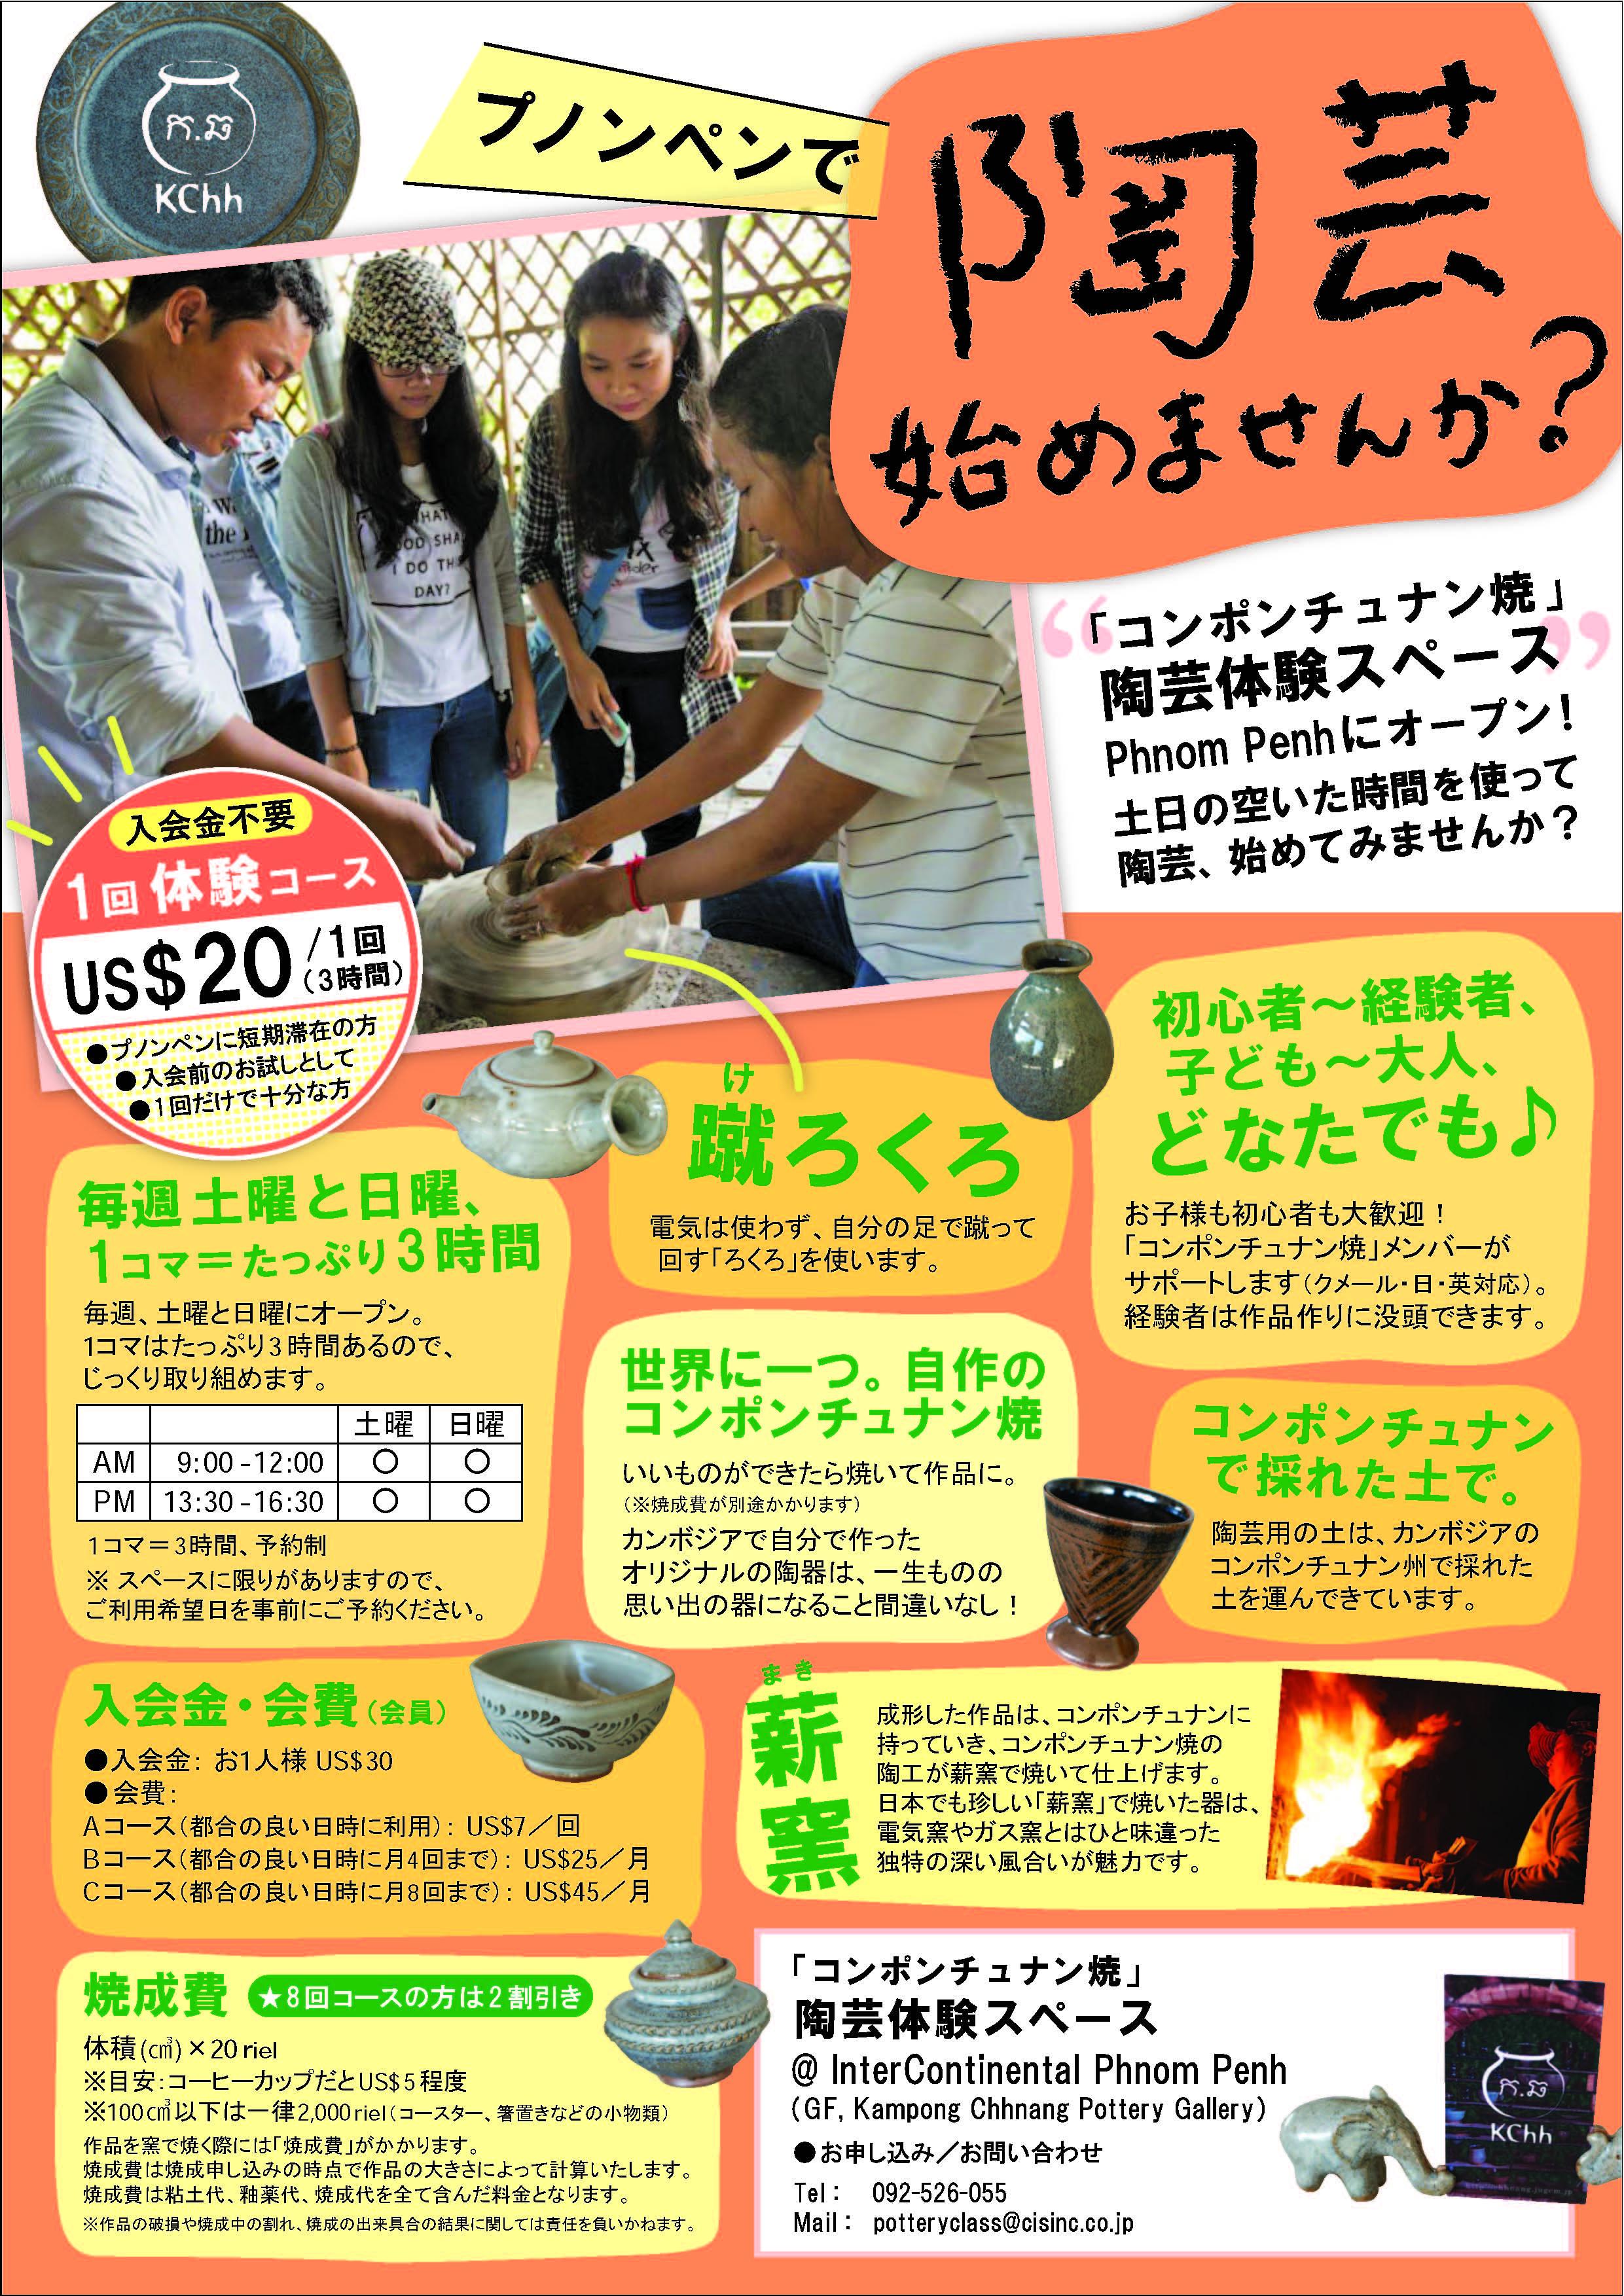 人気の「コンポンチュナン焼」陶芸体験教室が移転!8月末まで1回体験コースが15ドル!